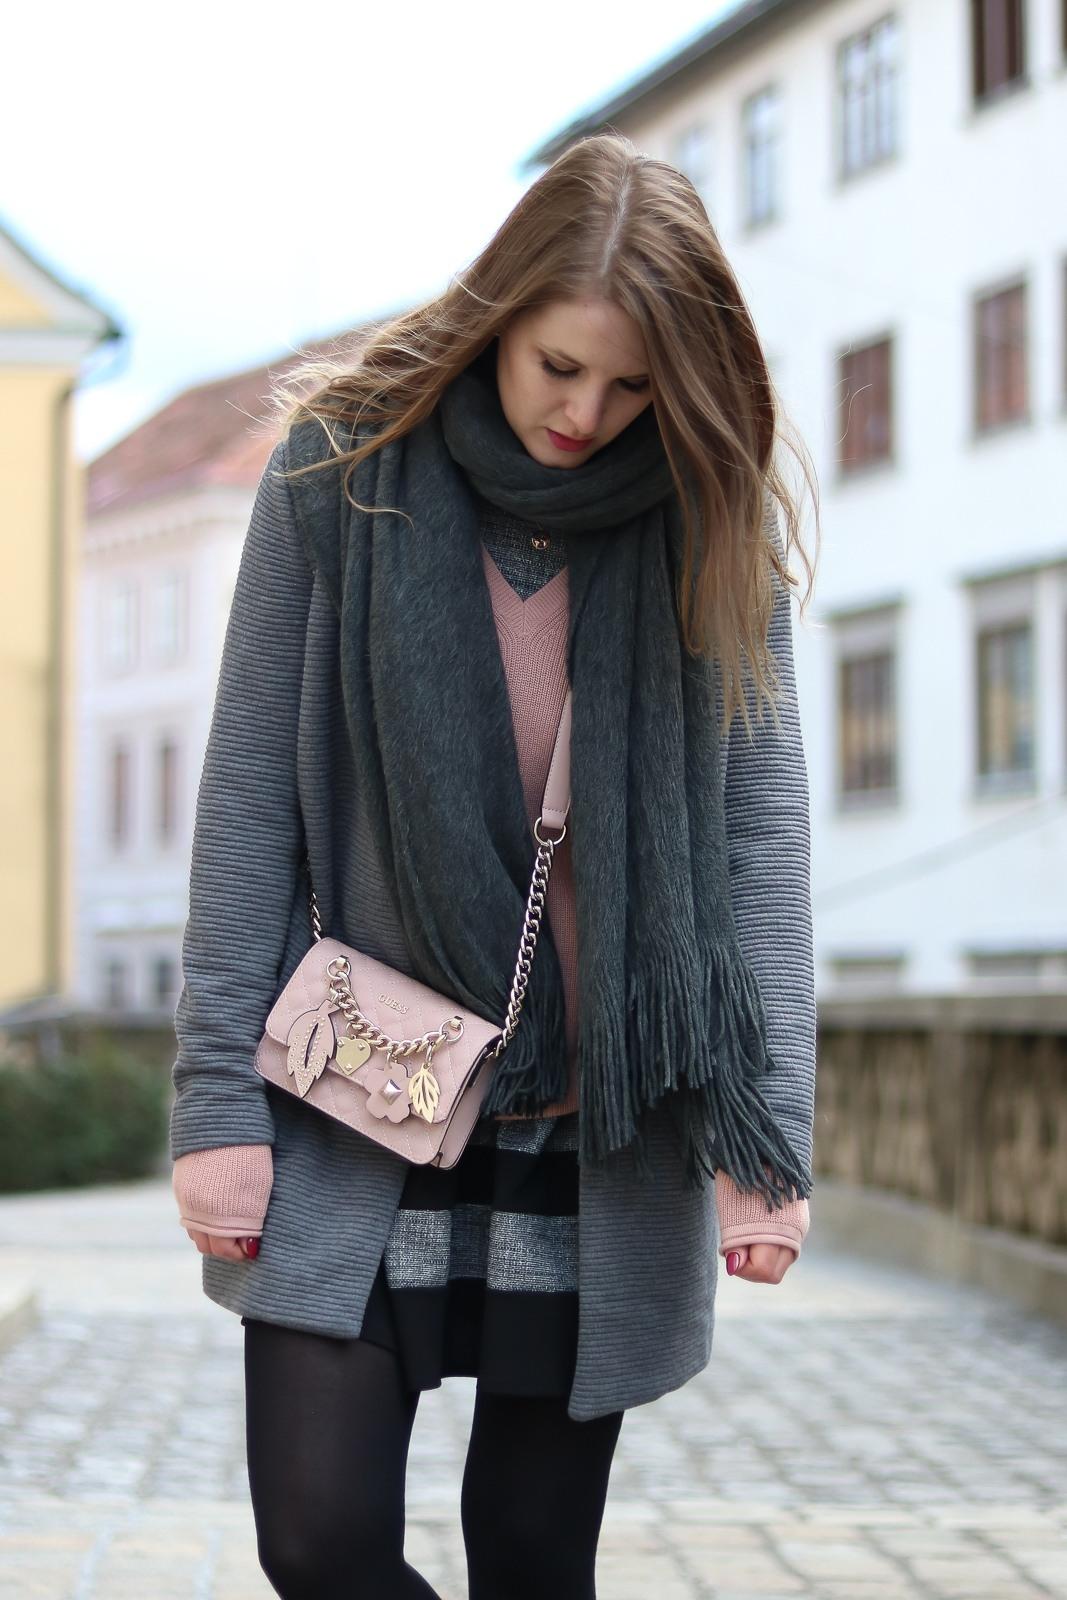 13 Schön Schickes Kleid Winter Stylish17 Luxurius Schickes Kleid Winter Spezialgebiet